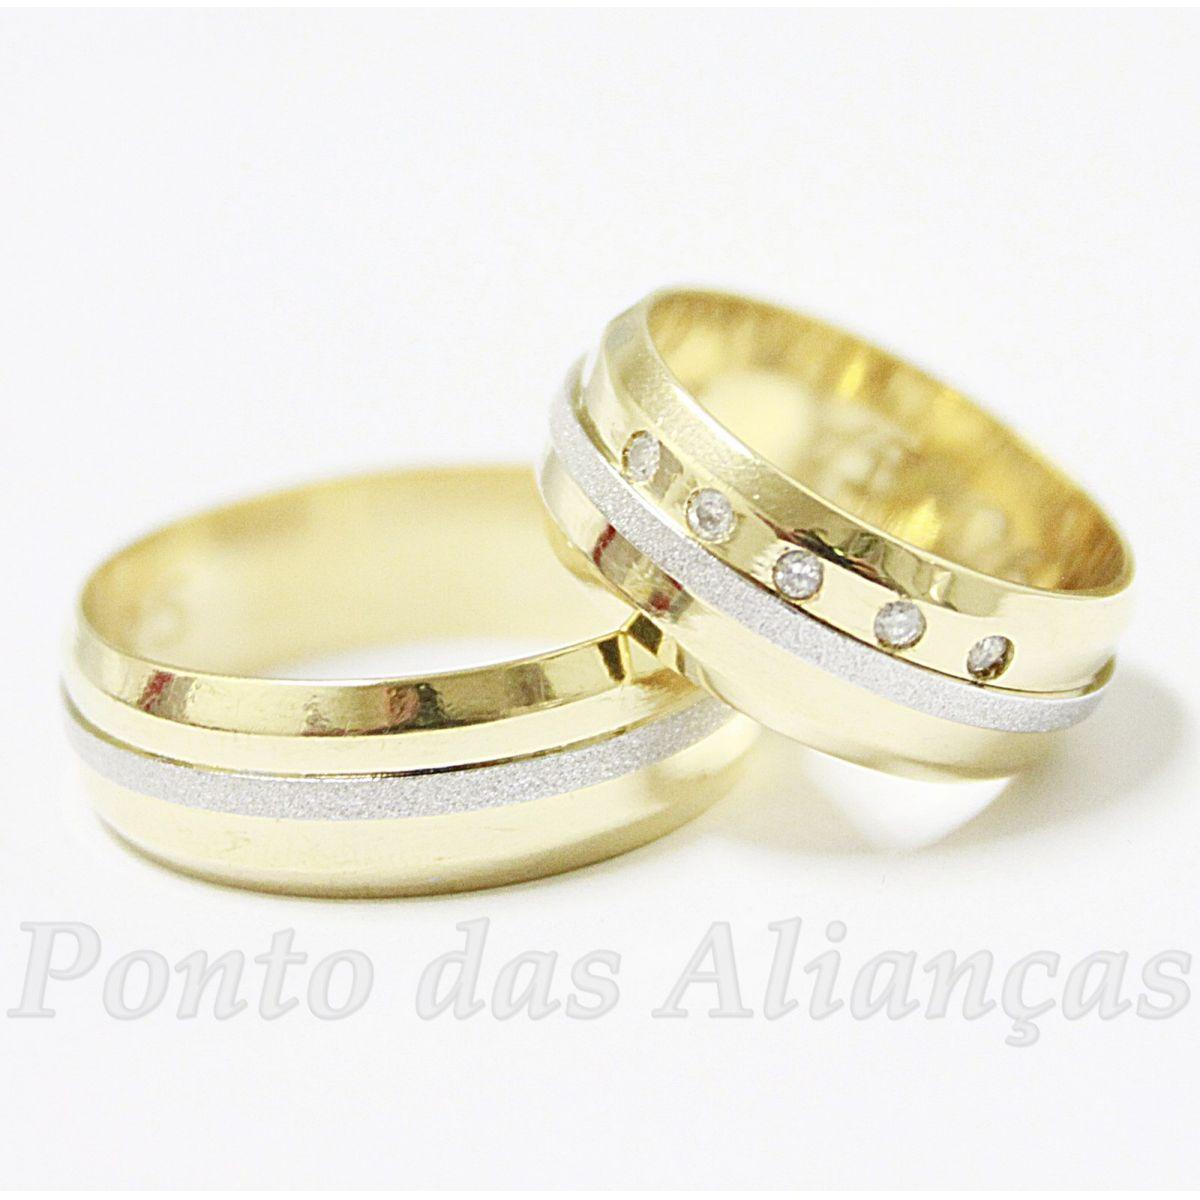 f744e8cbb Alianças de Ouro Casamento ou Noivado - 524 - Ponto das Alianças ...